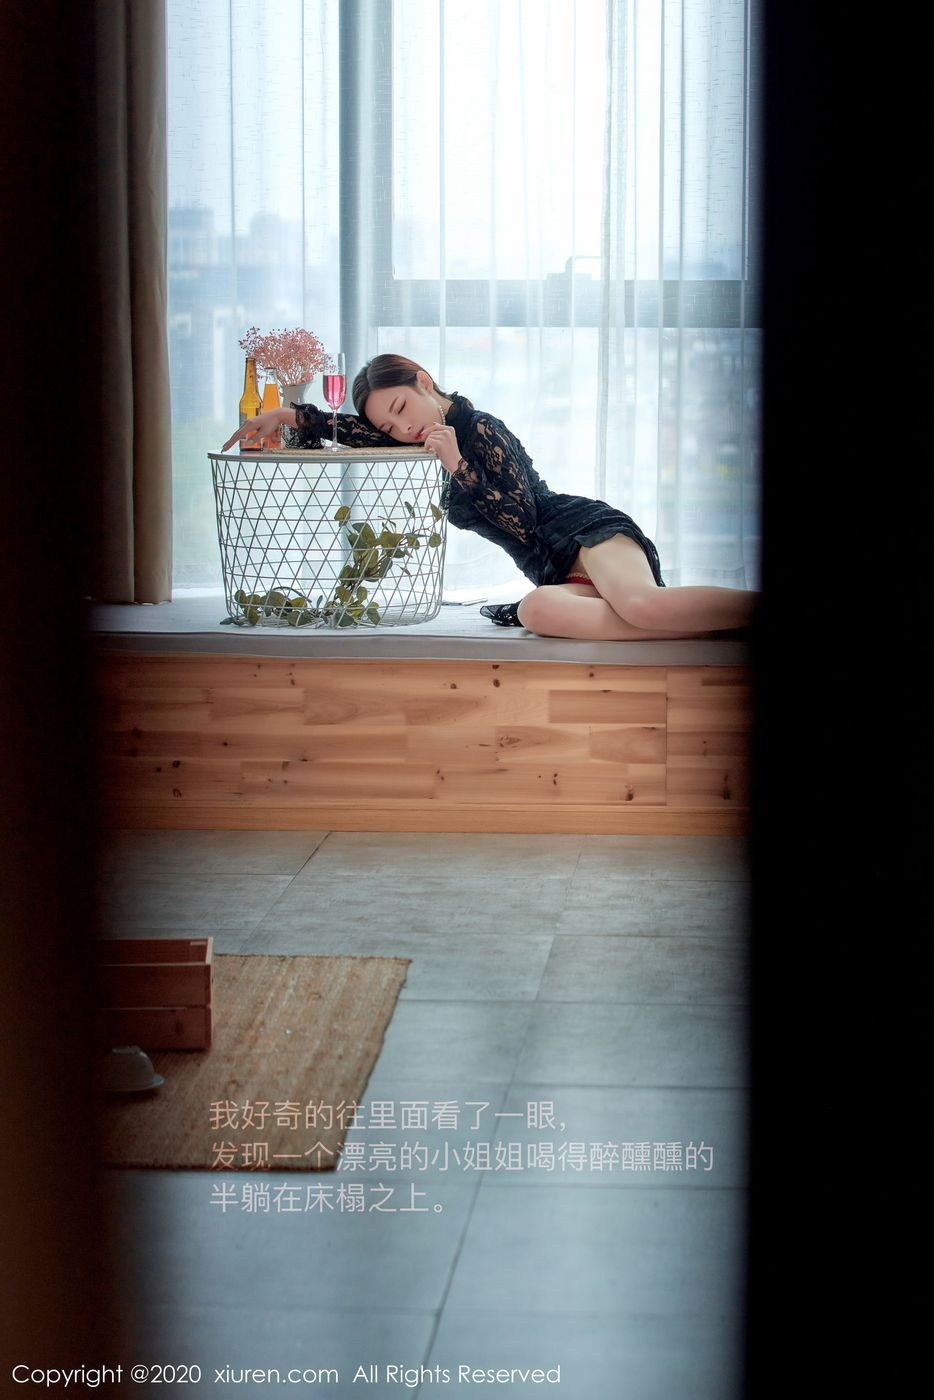 Vol.599 丝袜美腿内衣诱惑翘臀美胸性感美女美女模特秀人网-陈小喵完整私房照合集